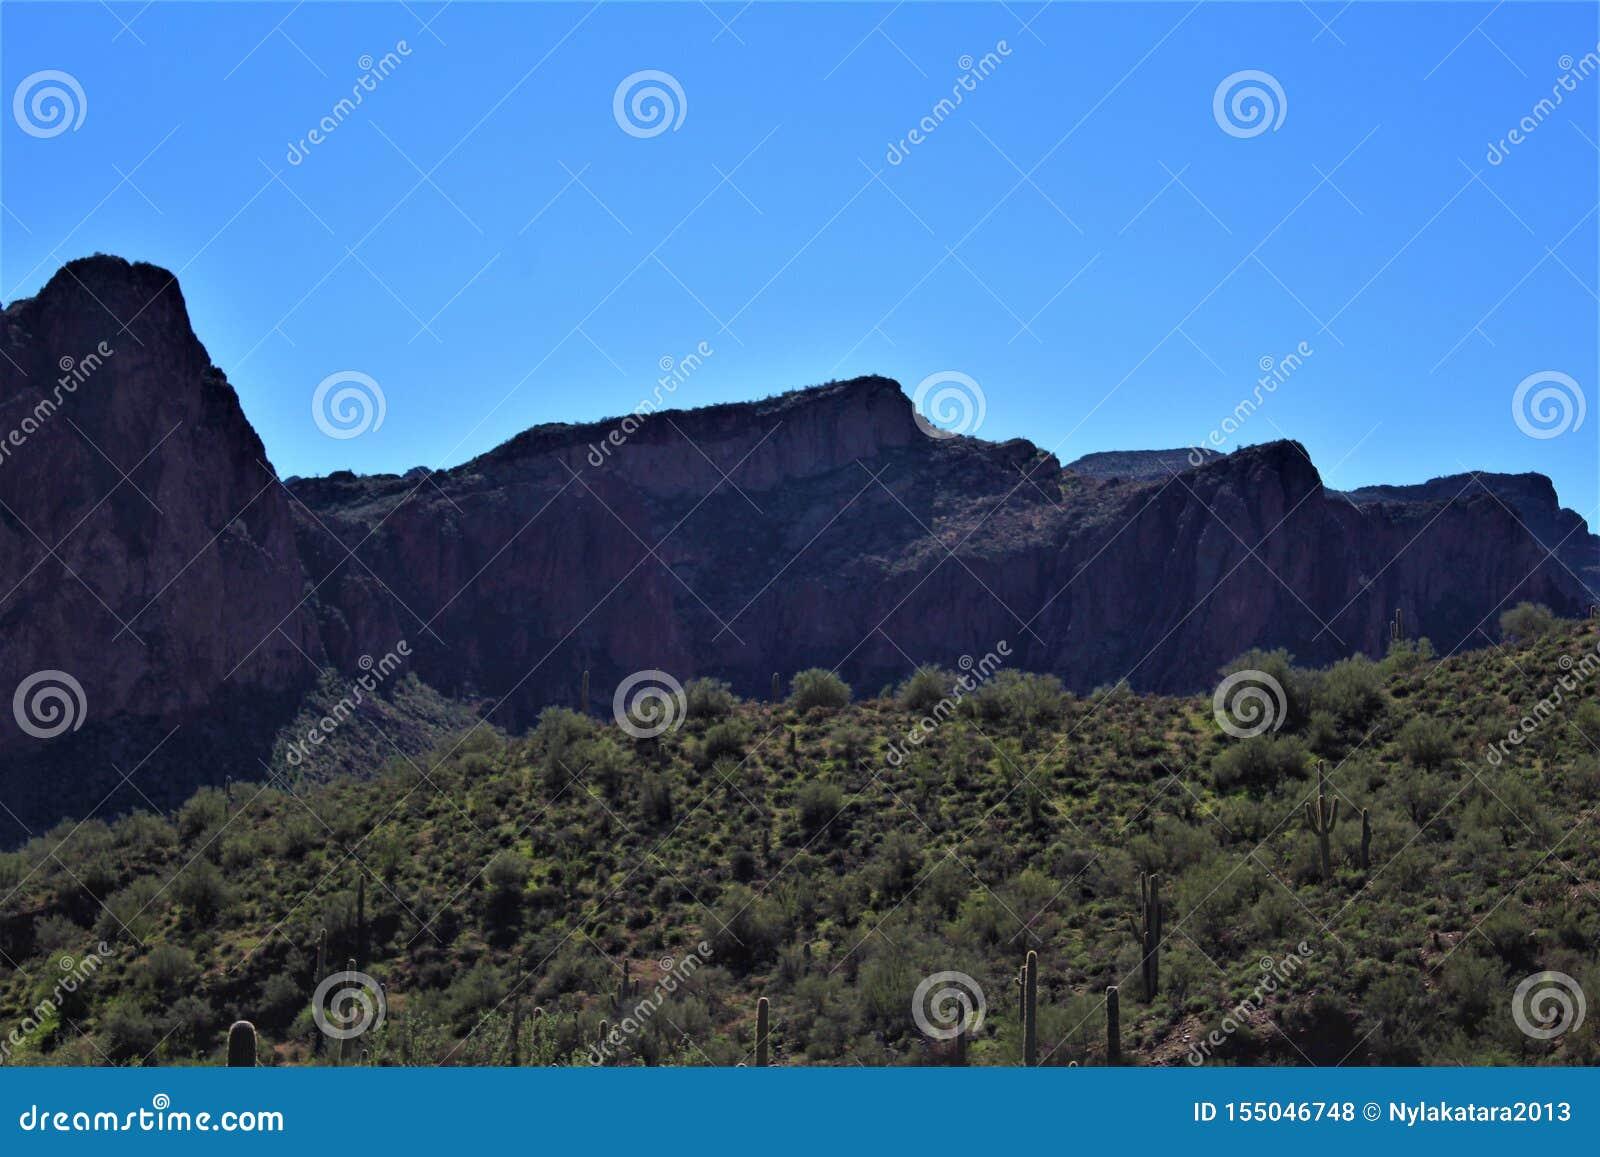 从Mesa,亚利桑那的风景风景视图向喷泉山,马里科帕县,亚利桑那,美国